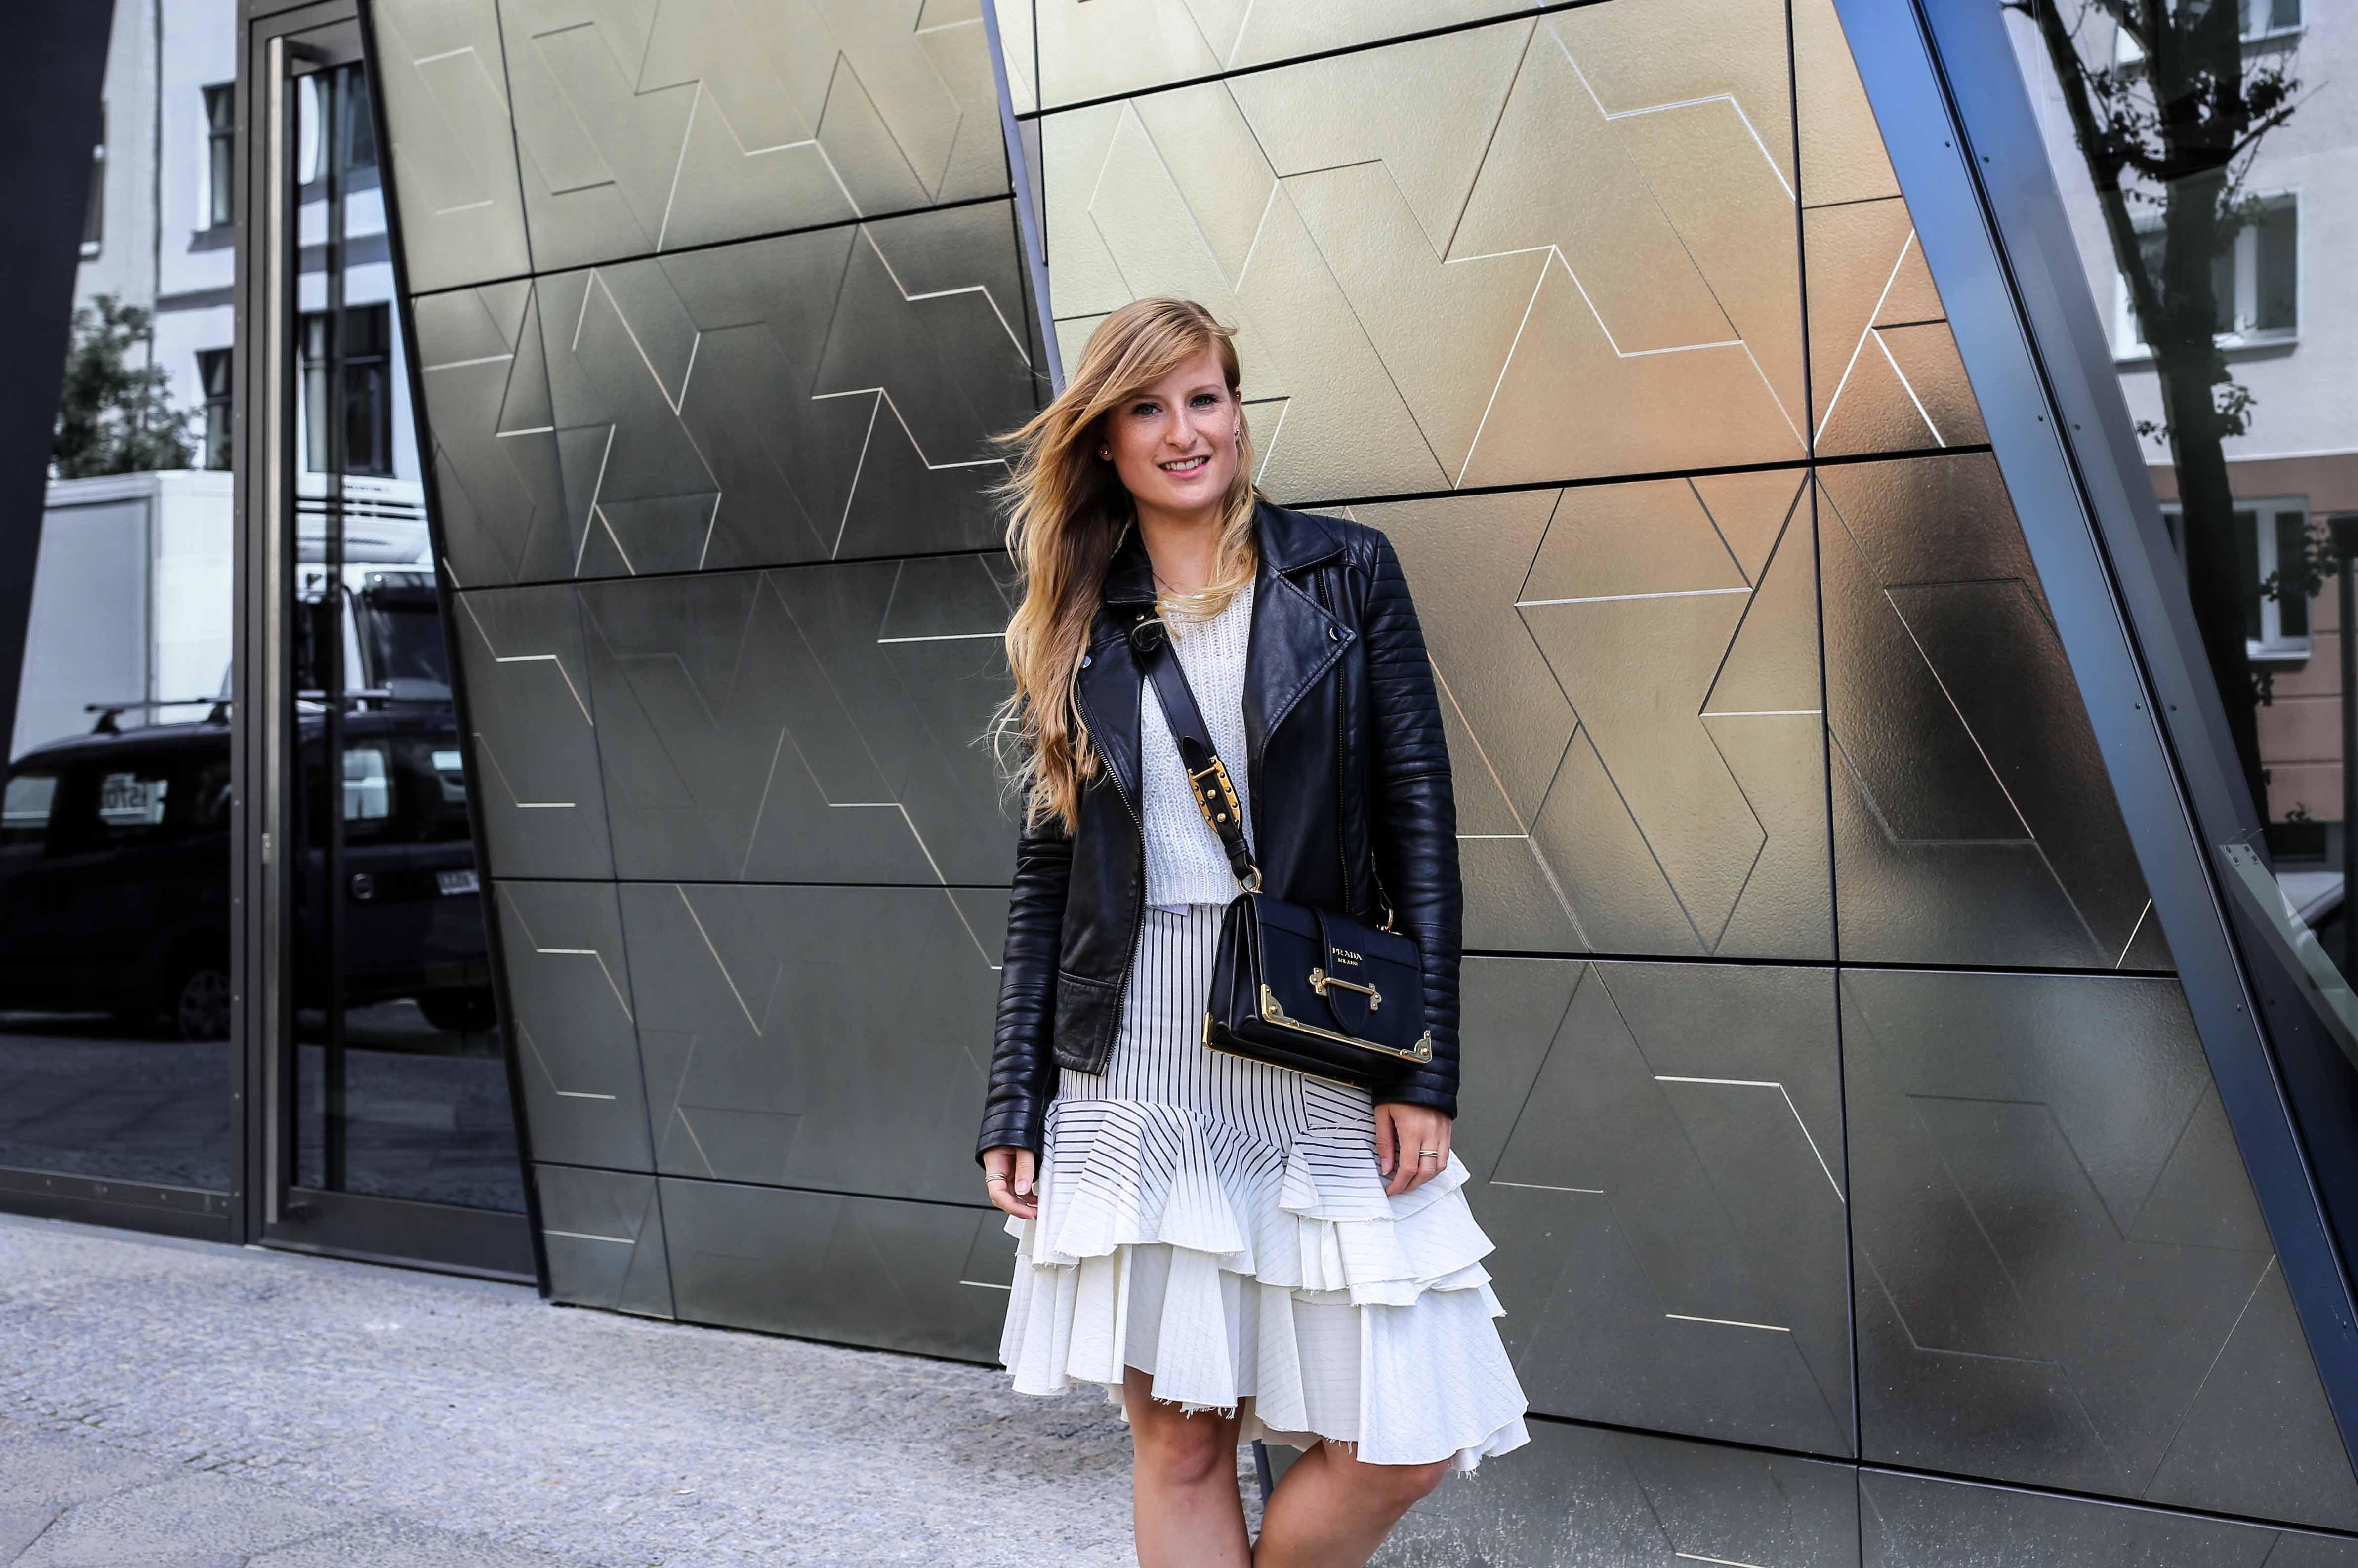 Fashion Week Outfit Berlin Asymmetrischer Jeansrock Streifen Zara Crop Top Mules Lederjacke Streetstyle Modeblog 5